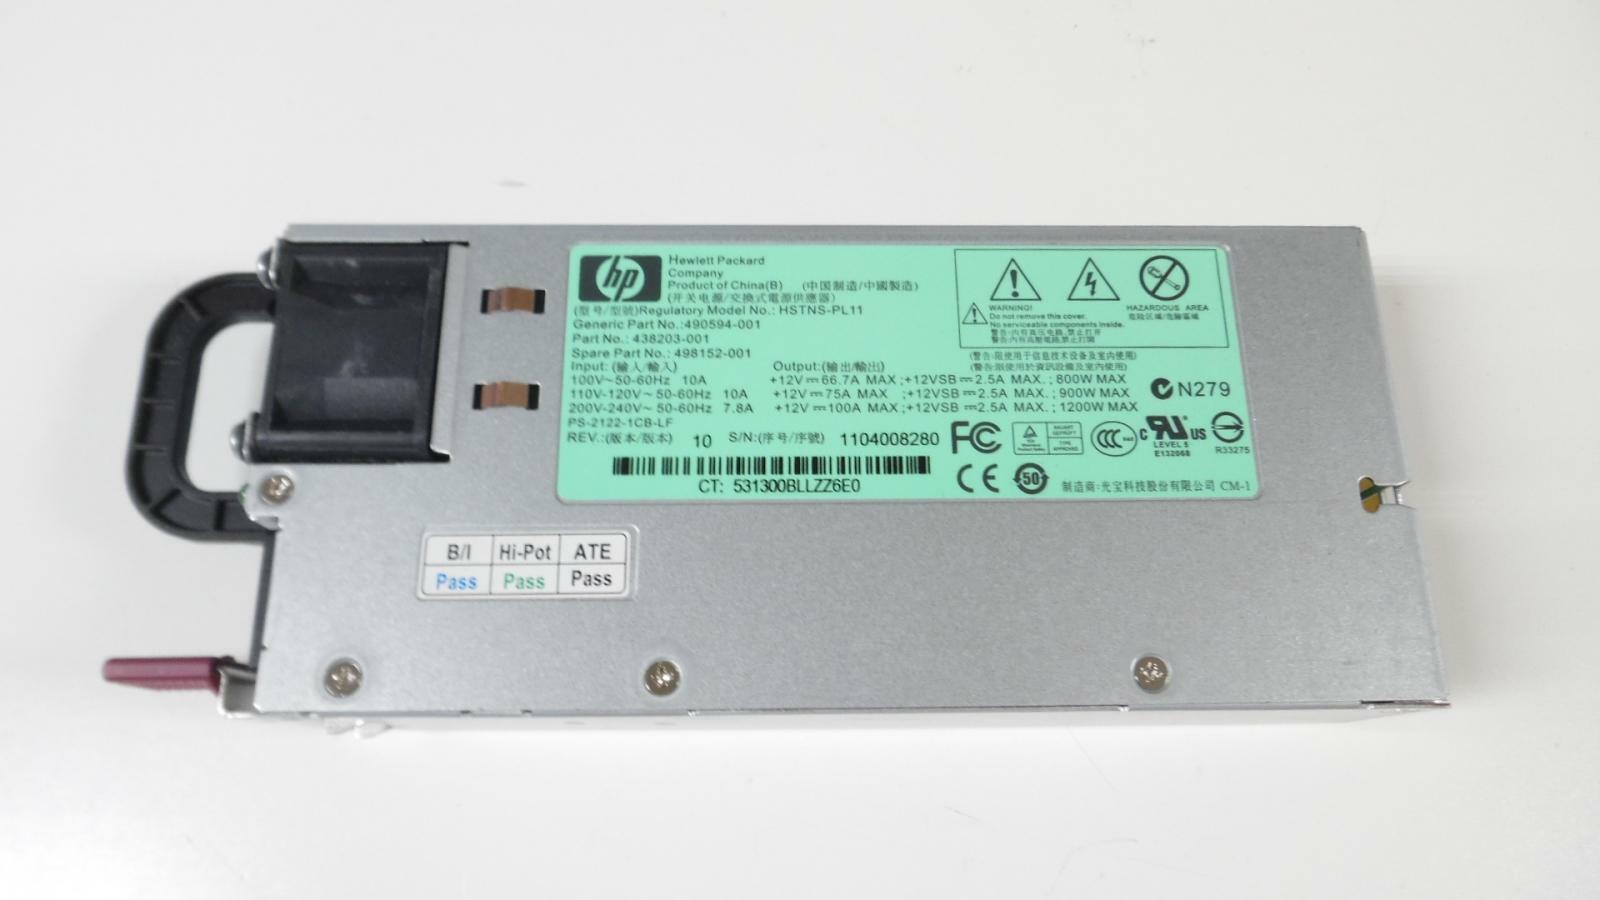 Fuente de Poder Hp 1200 Watts  438203-001  498152-001 490594-001 G6 G7 G5P Power Supply HSTNS-PL11